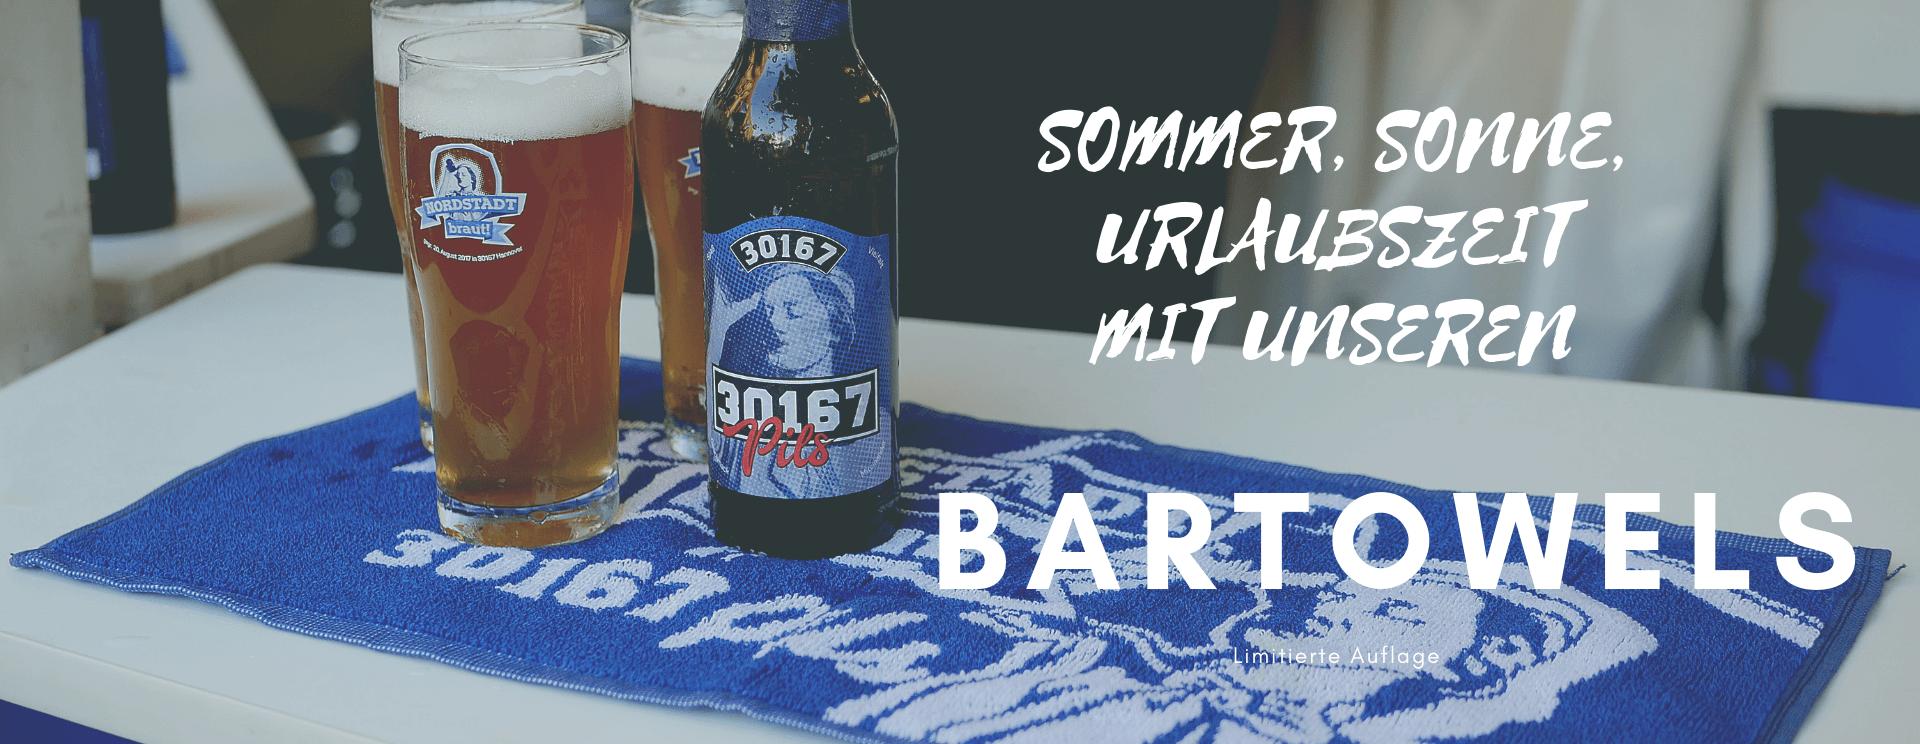 Sommer, Sonne, Urlaubszeit – Mit unseren Bartowels!